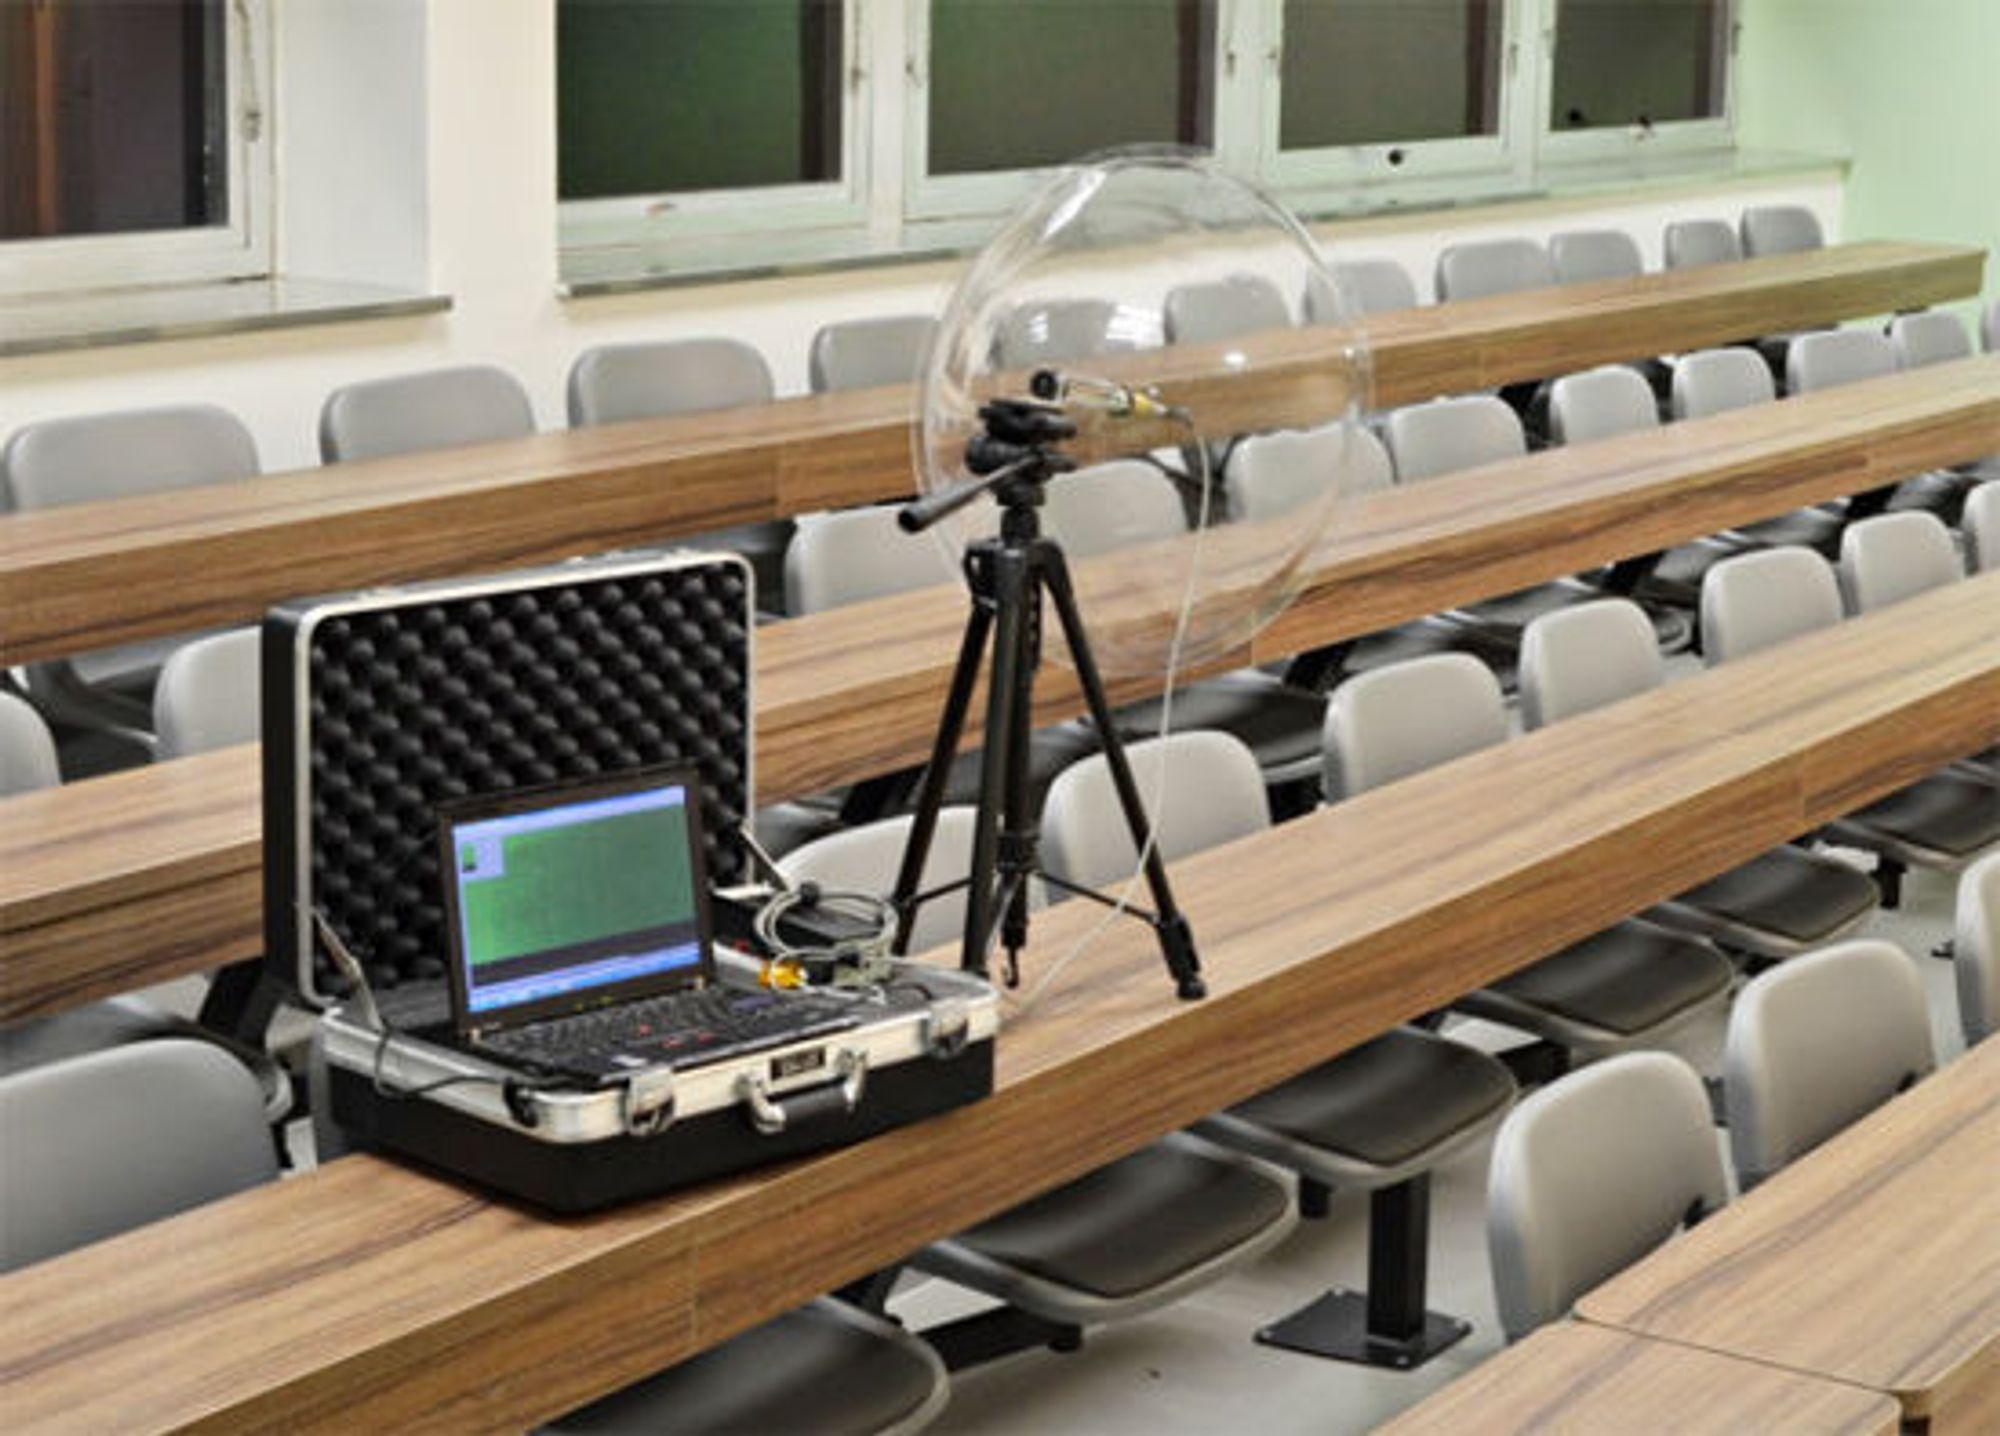 Med spesiell mikrofon kan lydopptaket gjøres på fire meters avstsand. Lokket på kofferten kan gjerne være igjen.